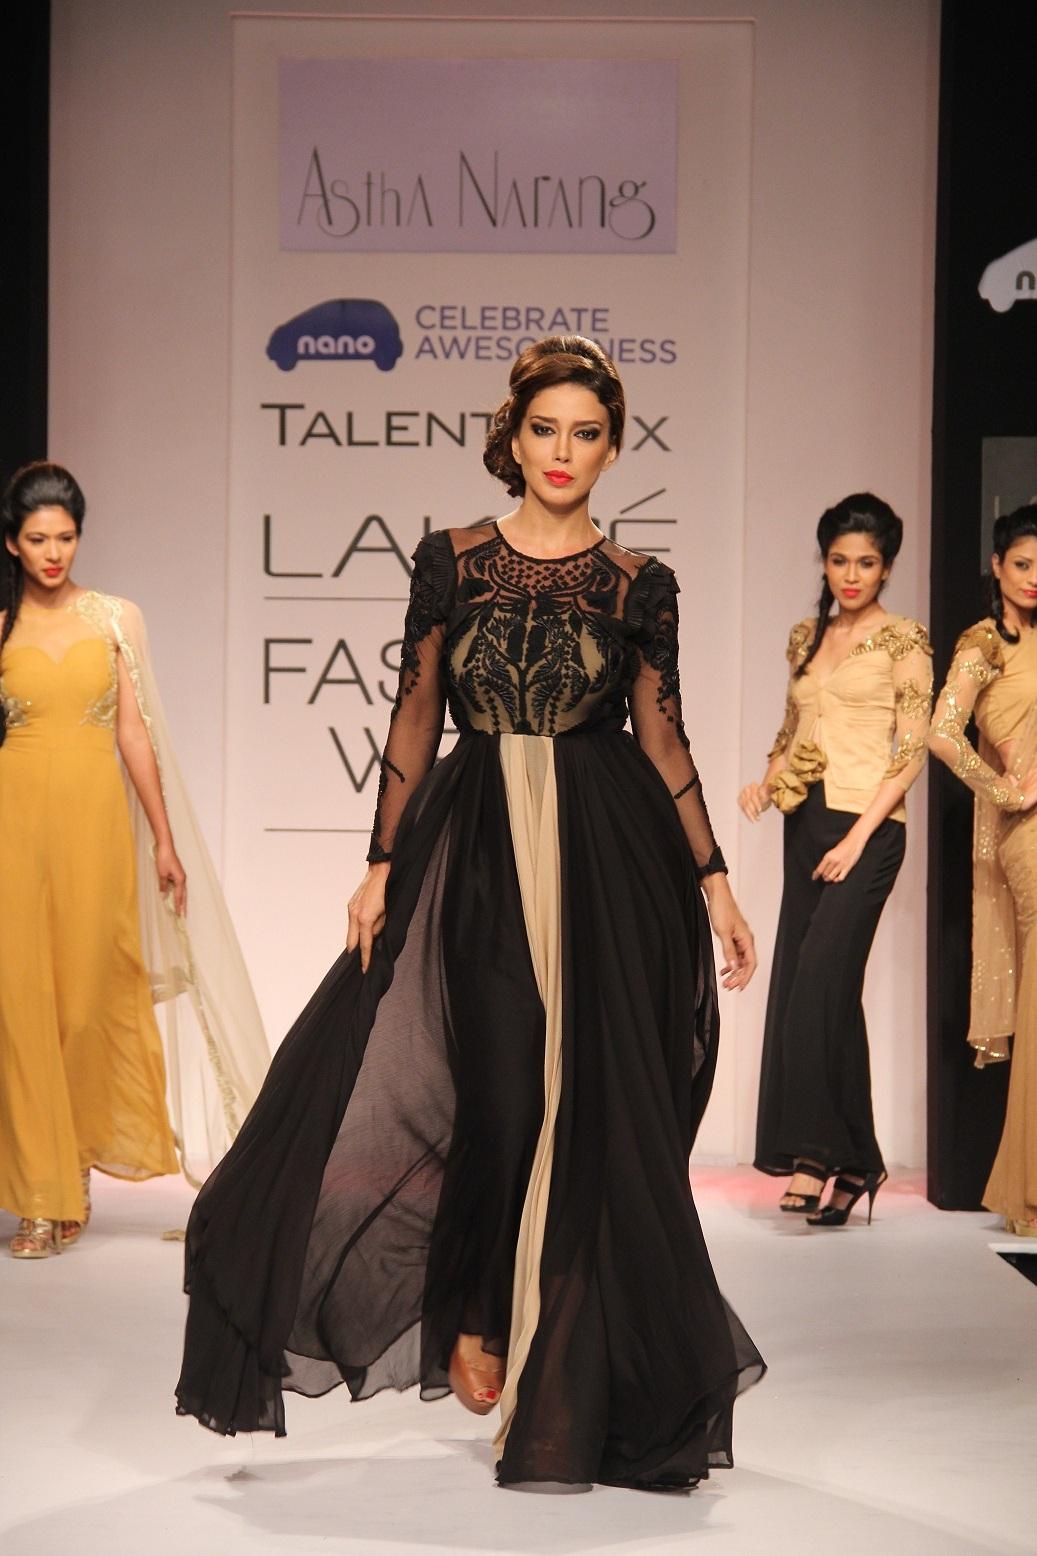 Sahar Biniaz for Astha Narang